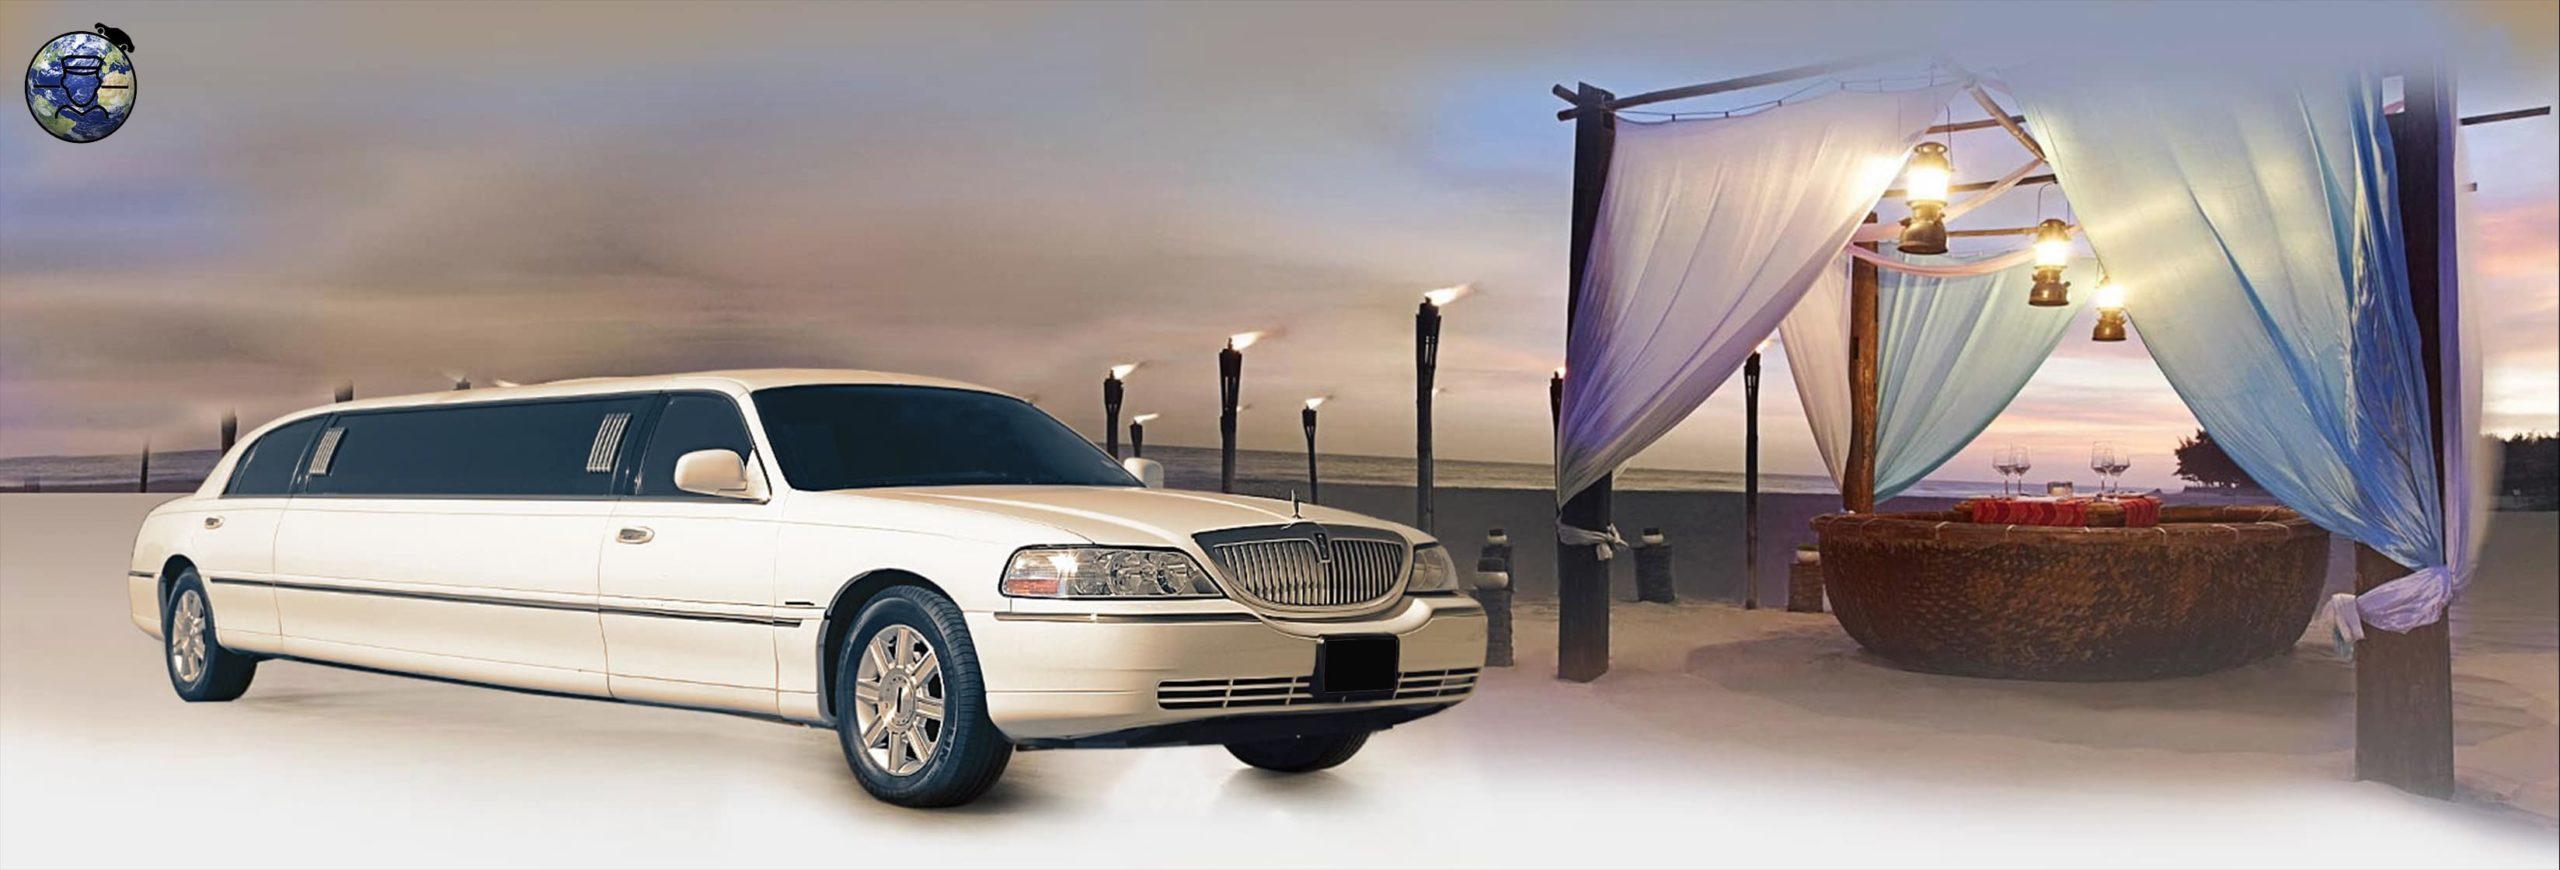 chauffeur de prestige voiture blind e voiture de luxe limousine event jet priv. Black Bedroom Furniture Sets. Home Design Ideas